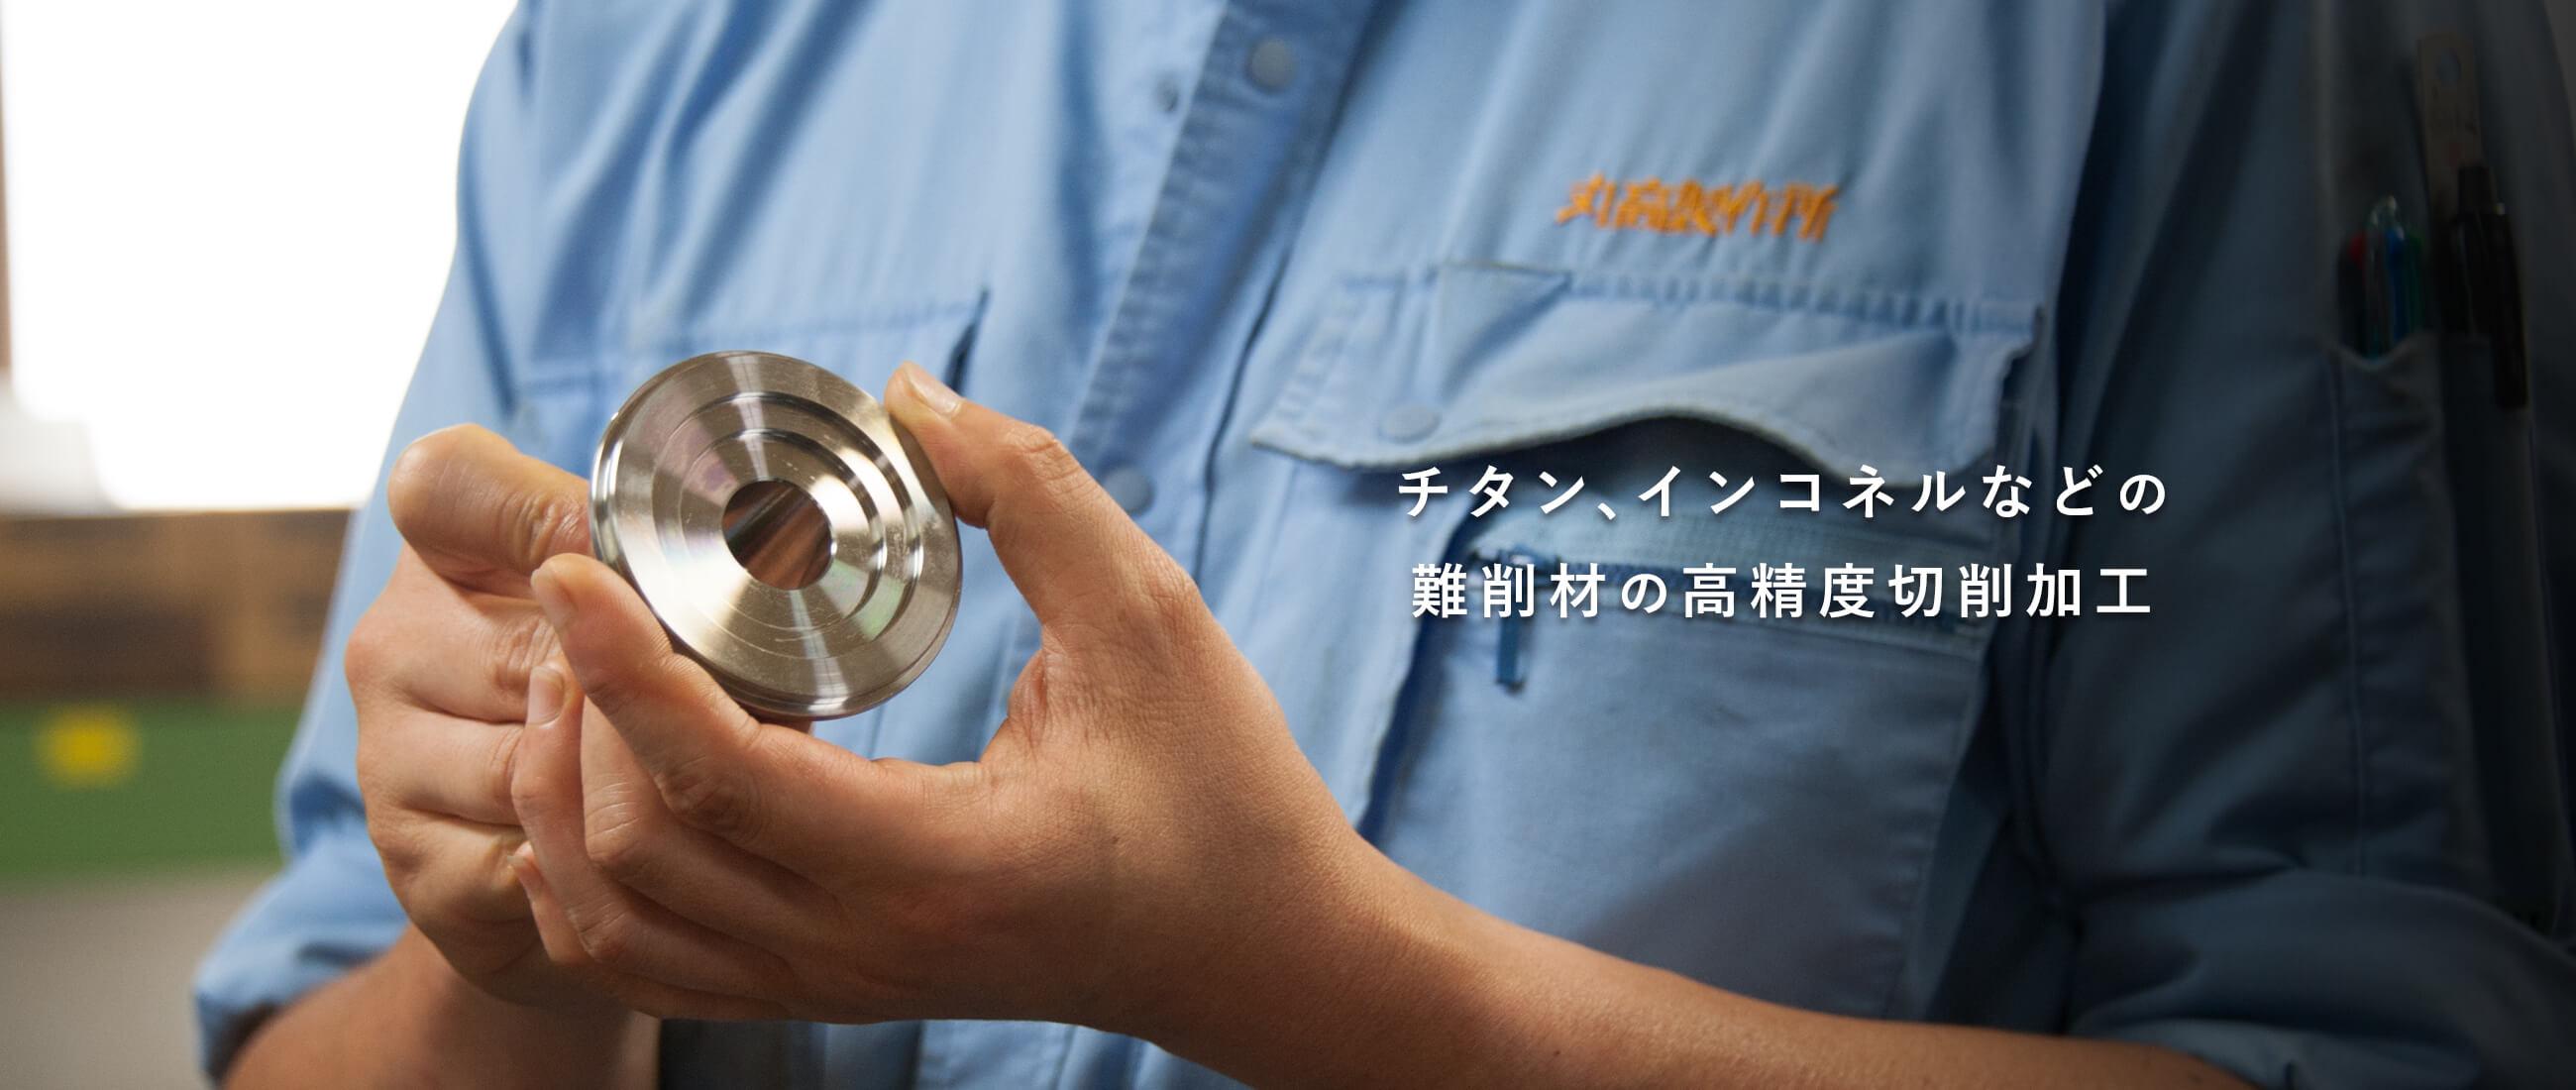 チタン、インコネルなどの難削材の高精度切削加工